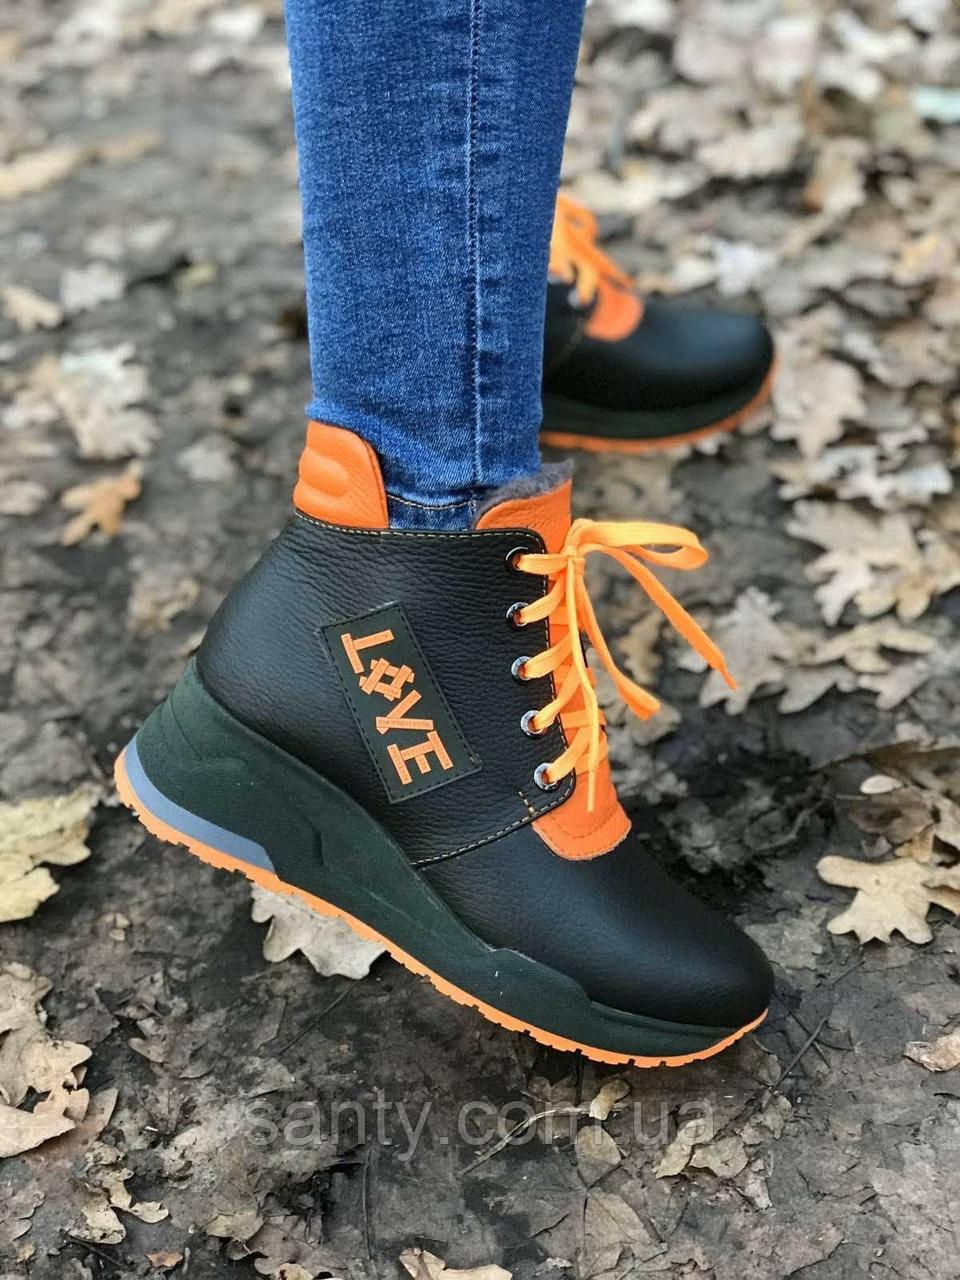 Женские зимние ботинки - кроссовки из натуральной кожи. Жіночі зимові чоботи - кросівки.